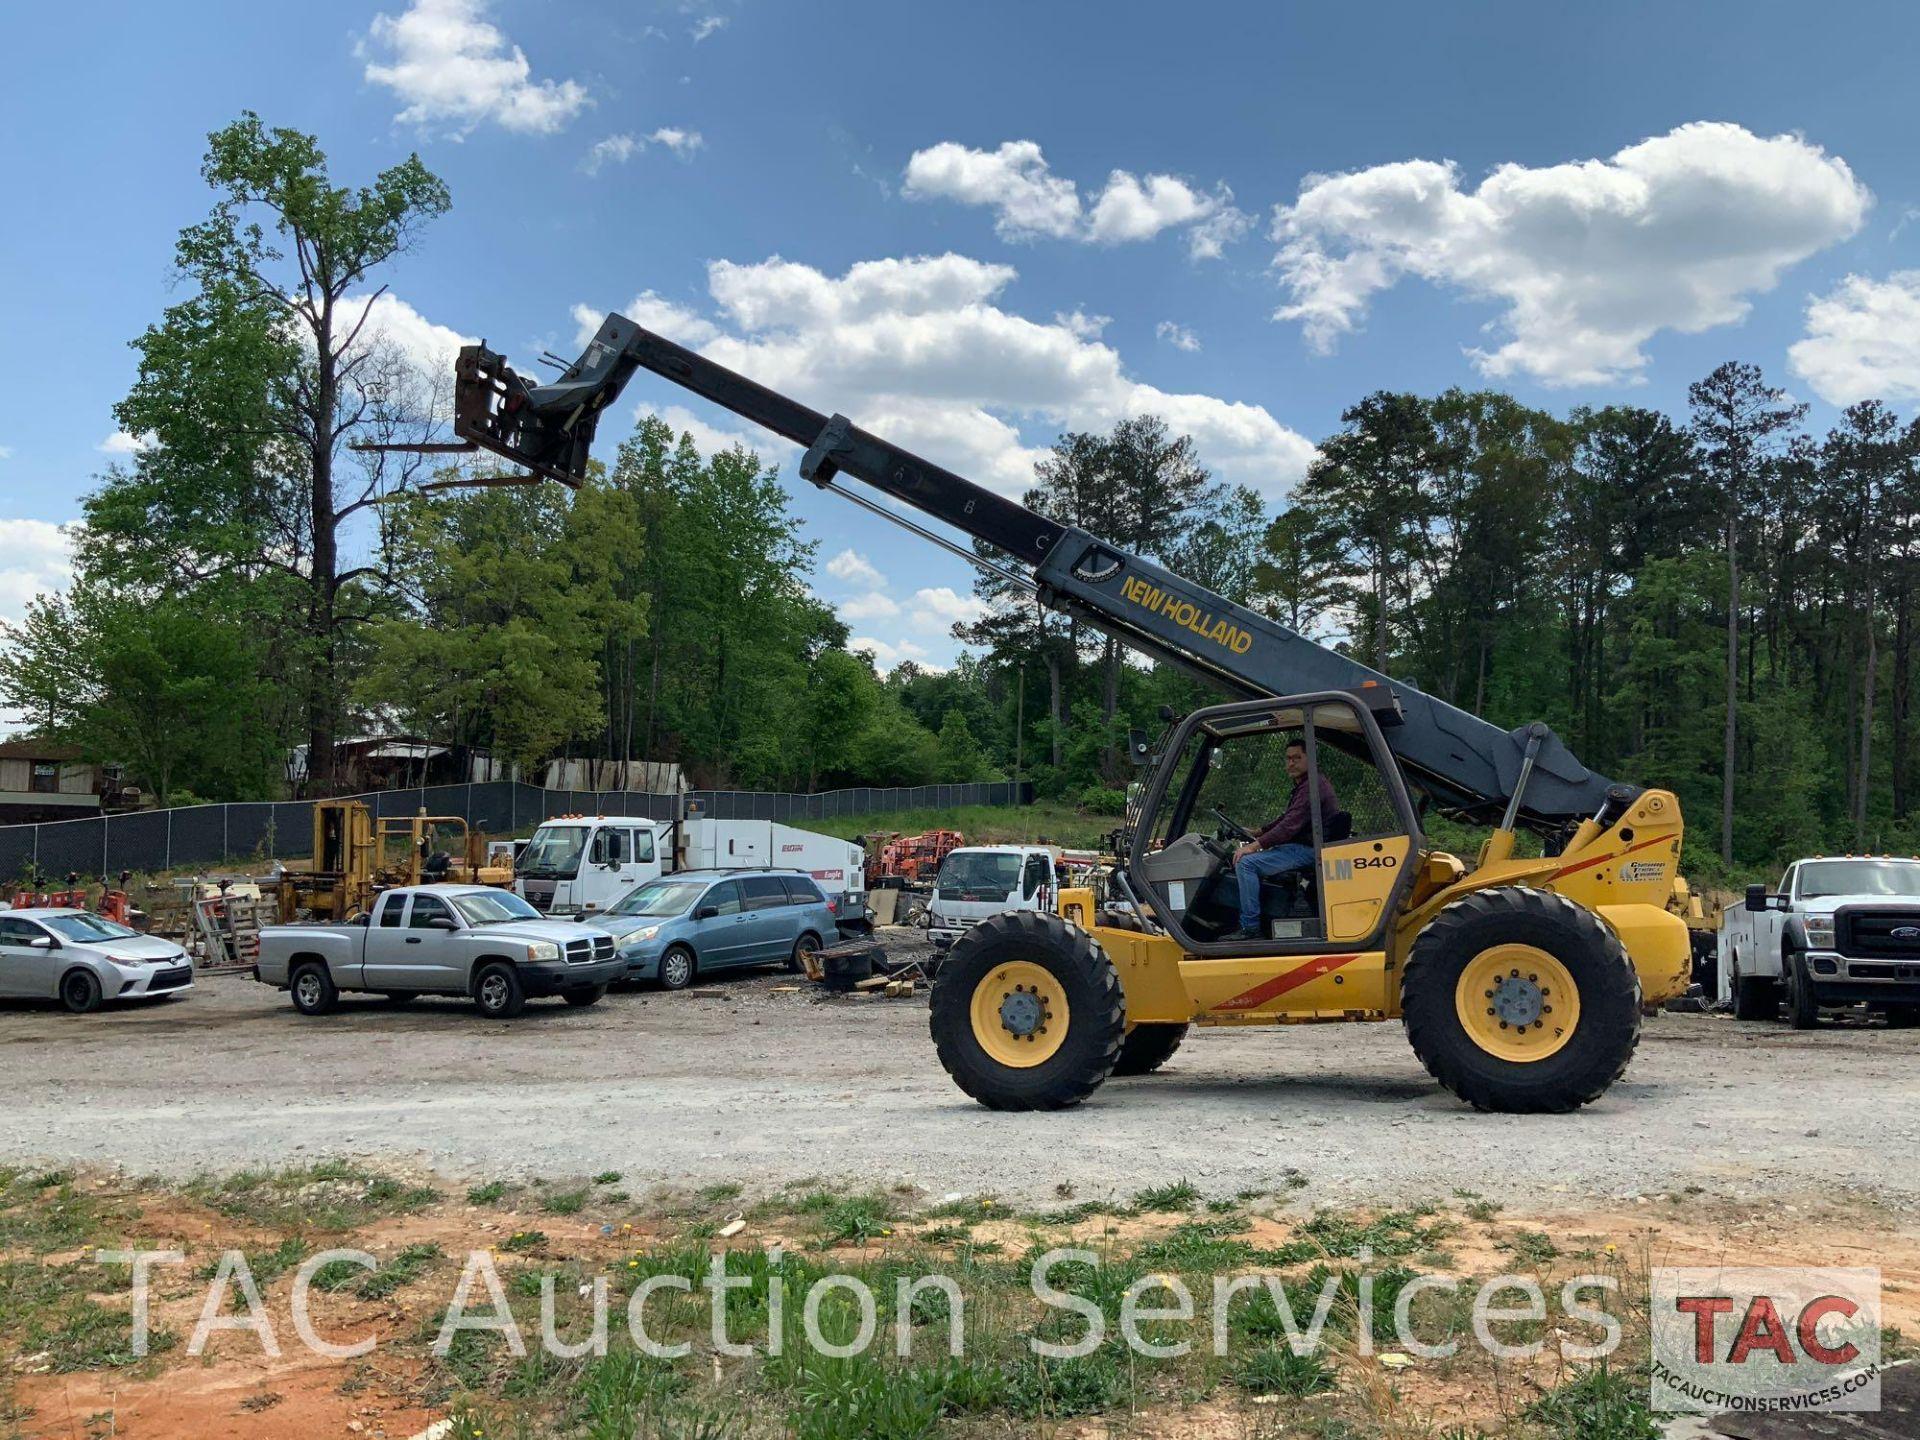 1999 New Holland LM840 Telehandler Forklift - Image 23 of 25